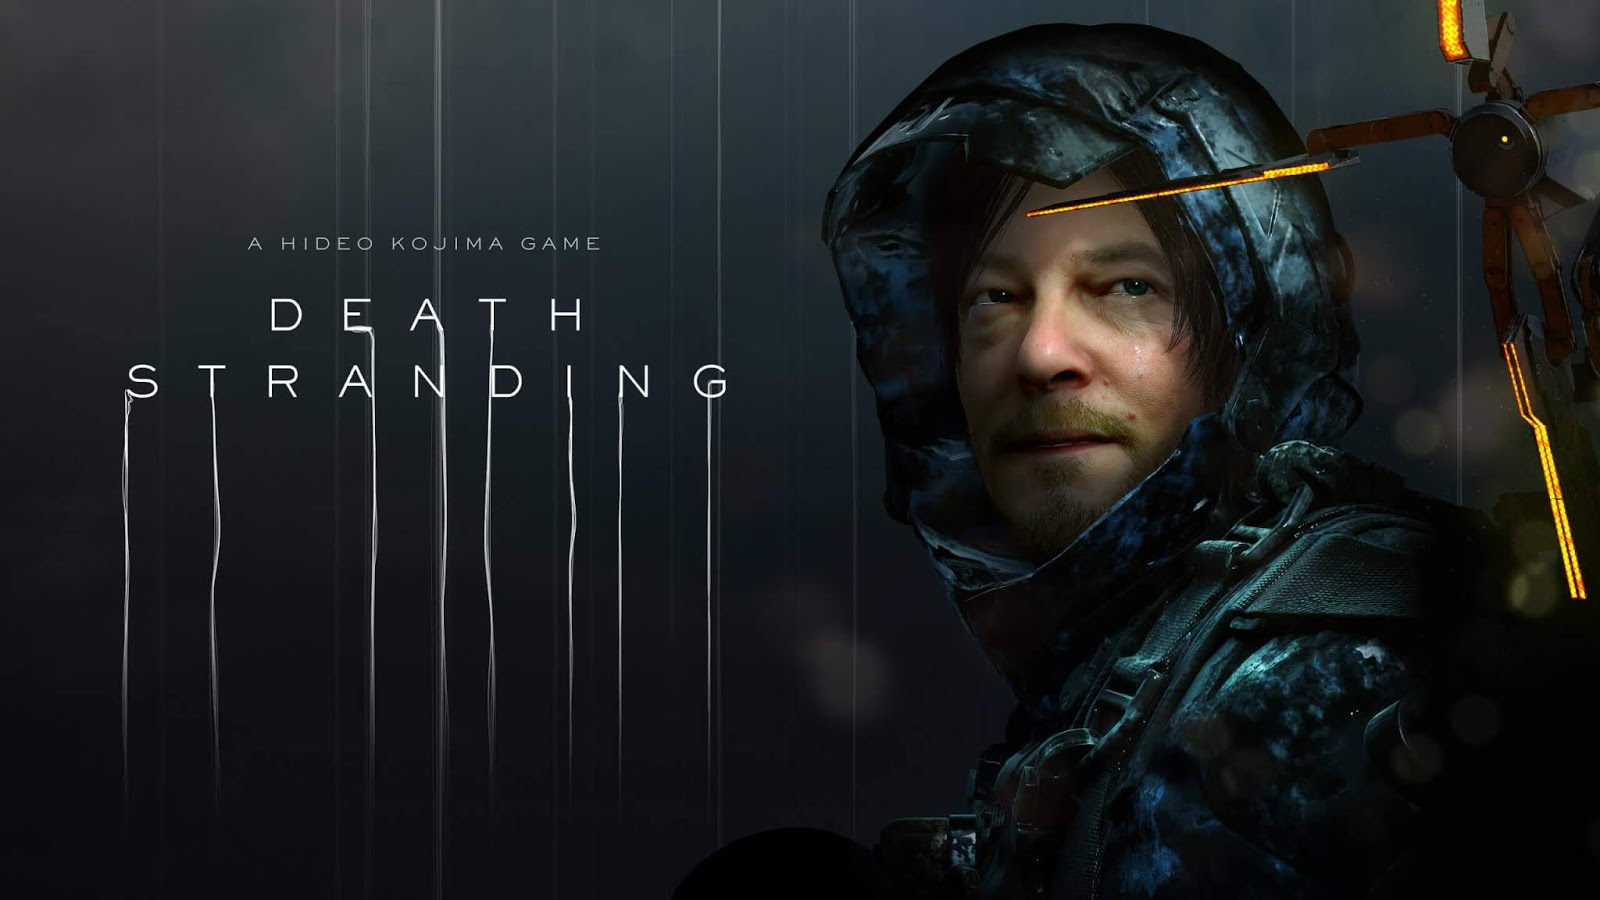 كل ما تحتاج معرفته حول لعبة Death Stranding